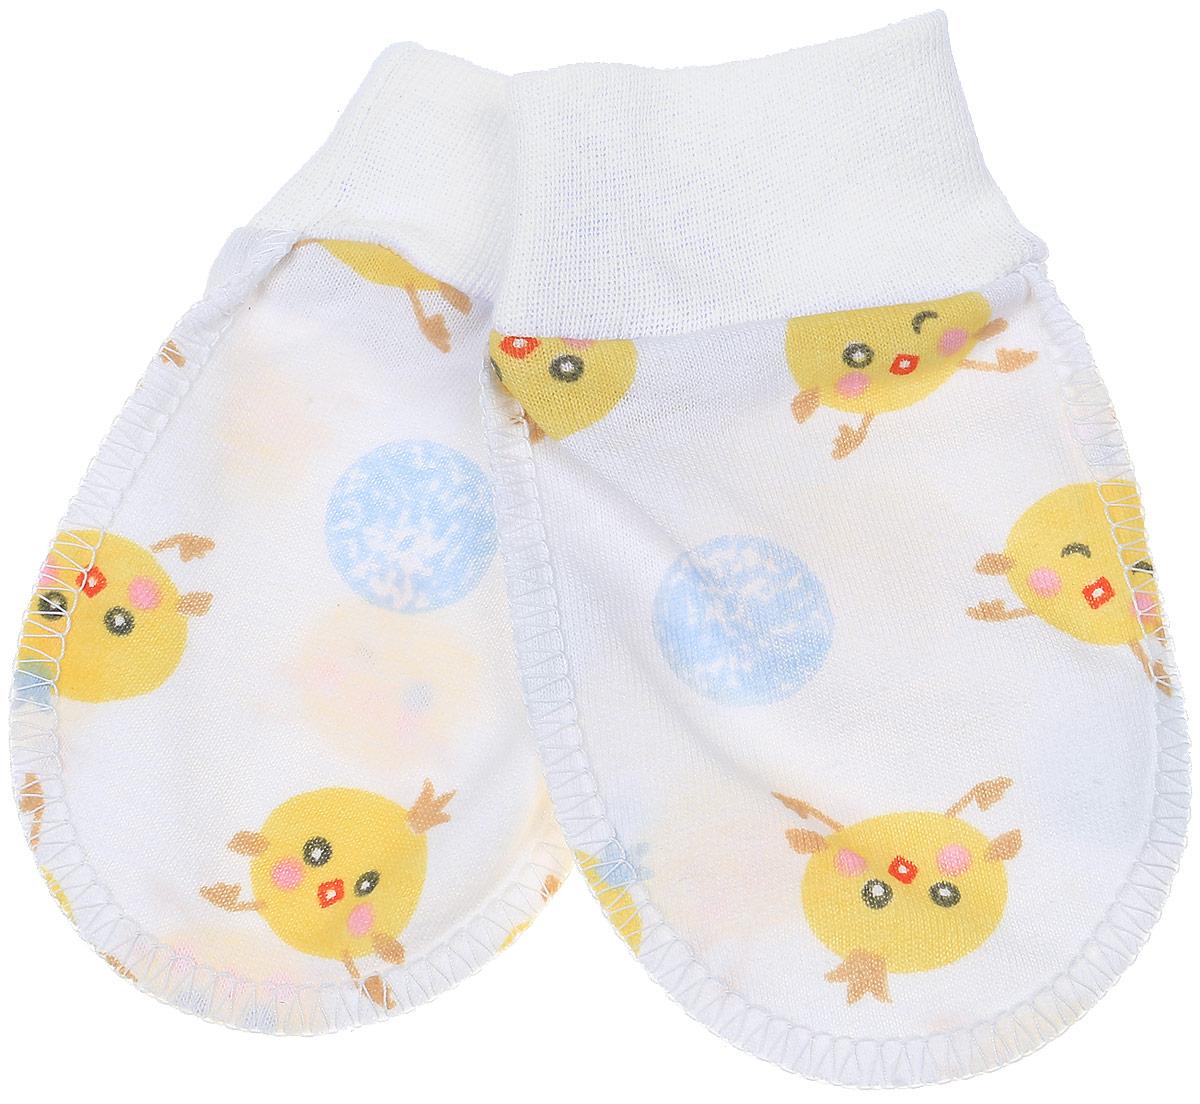 Рукавички Чудесные одежки, цвет: белый, голубой, желтый. 5906. Размер 625906Рукавички для младенцев Чудесные одежки изготовлены из натурального хлопка. Они не раздражают нежную кожу ребенка. Широкие мягкие резинки не стягивают ручки. Швы выполнены на лицевую сторону.